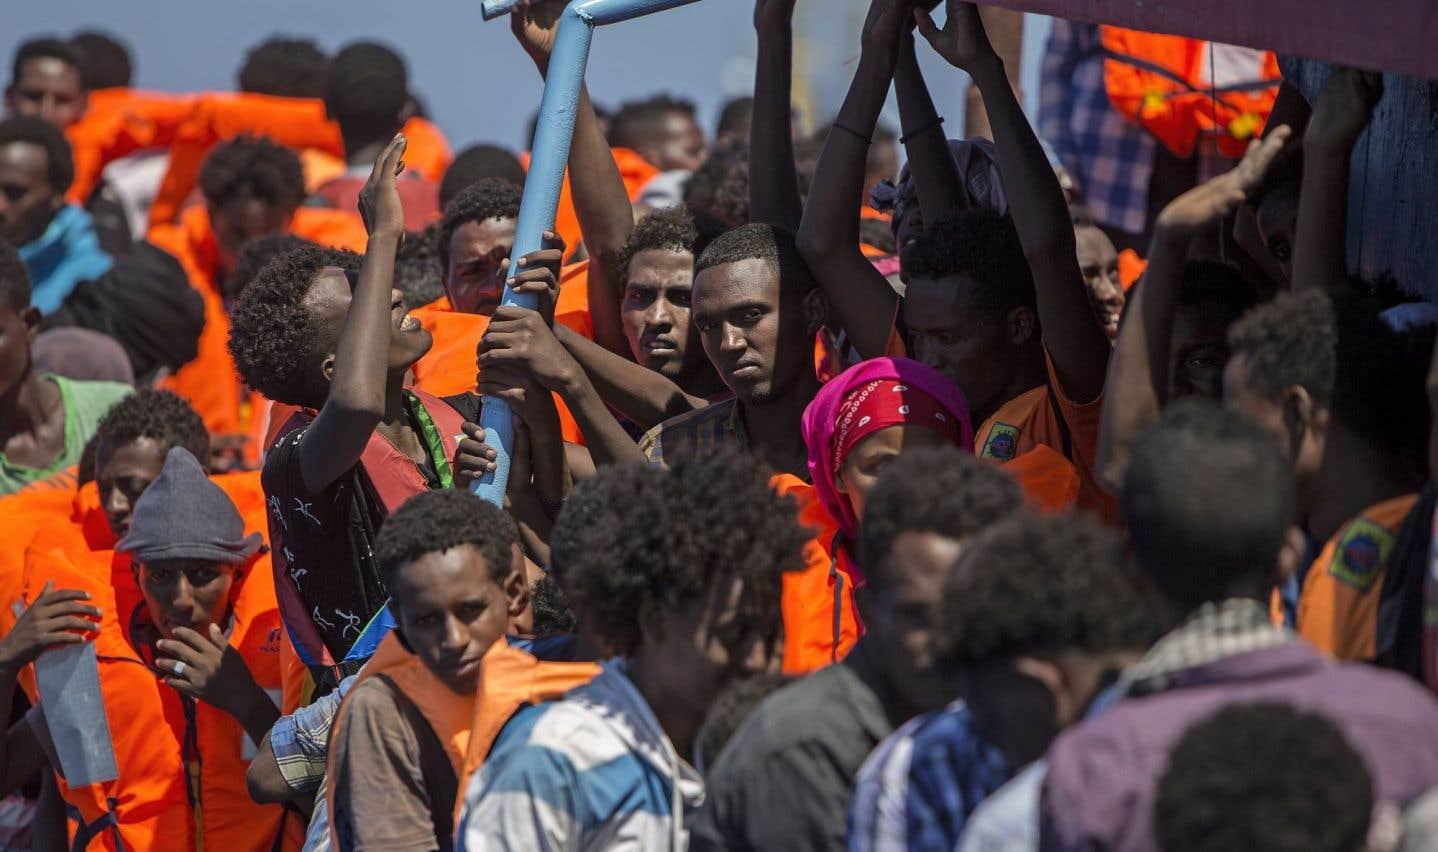 La Gambie, plus petit pays d'Afrique continentale, a le plus haut taux de migrants traversant la Méditerranée par habitant, selon l'OIM.